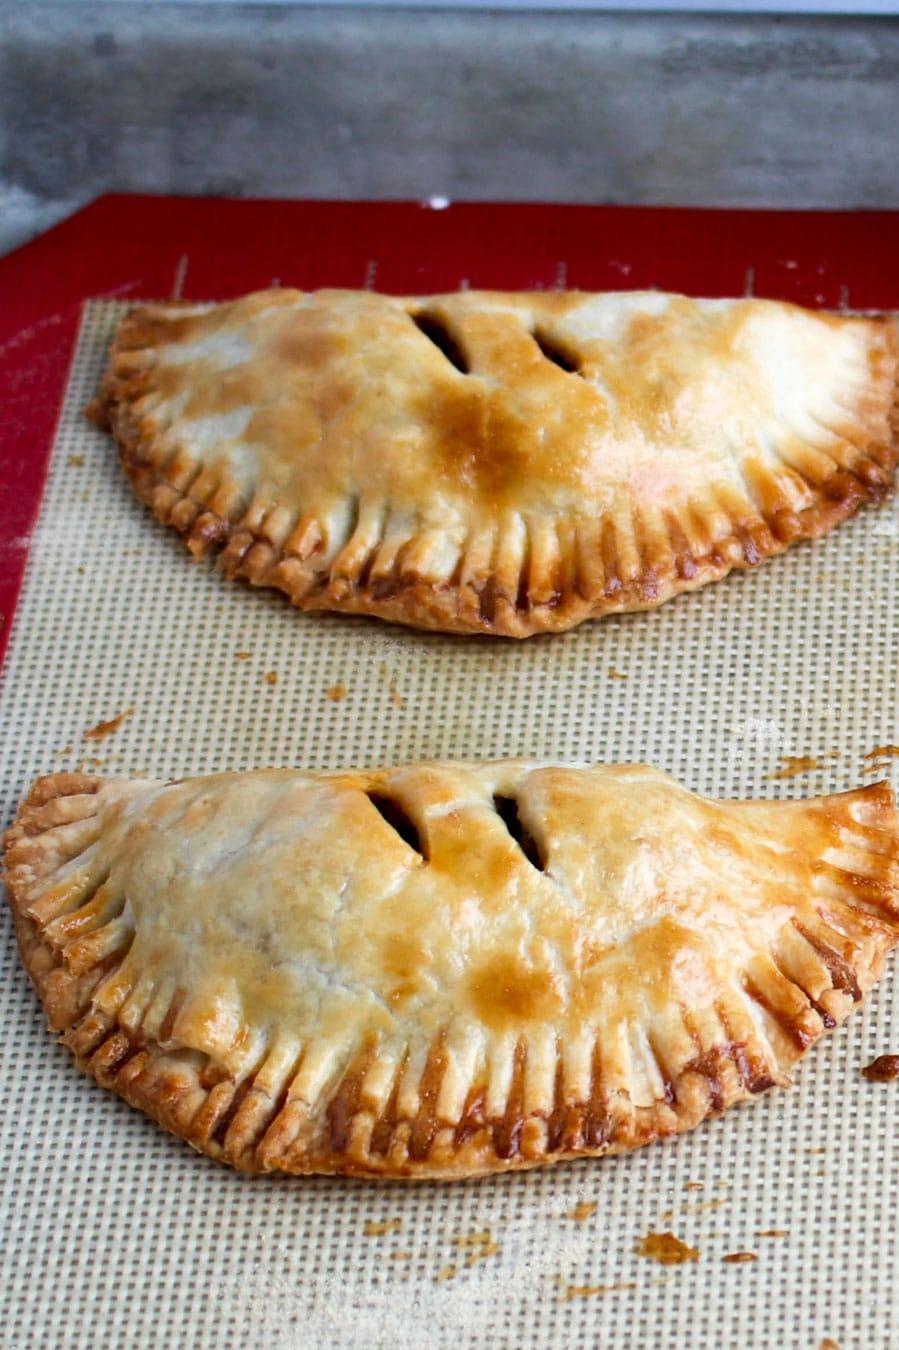 two baked empanadas